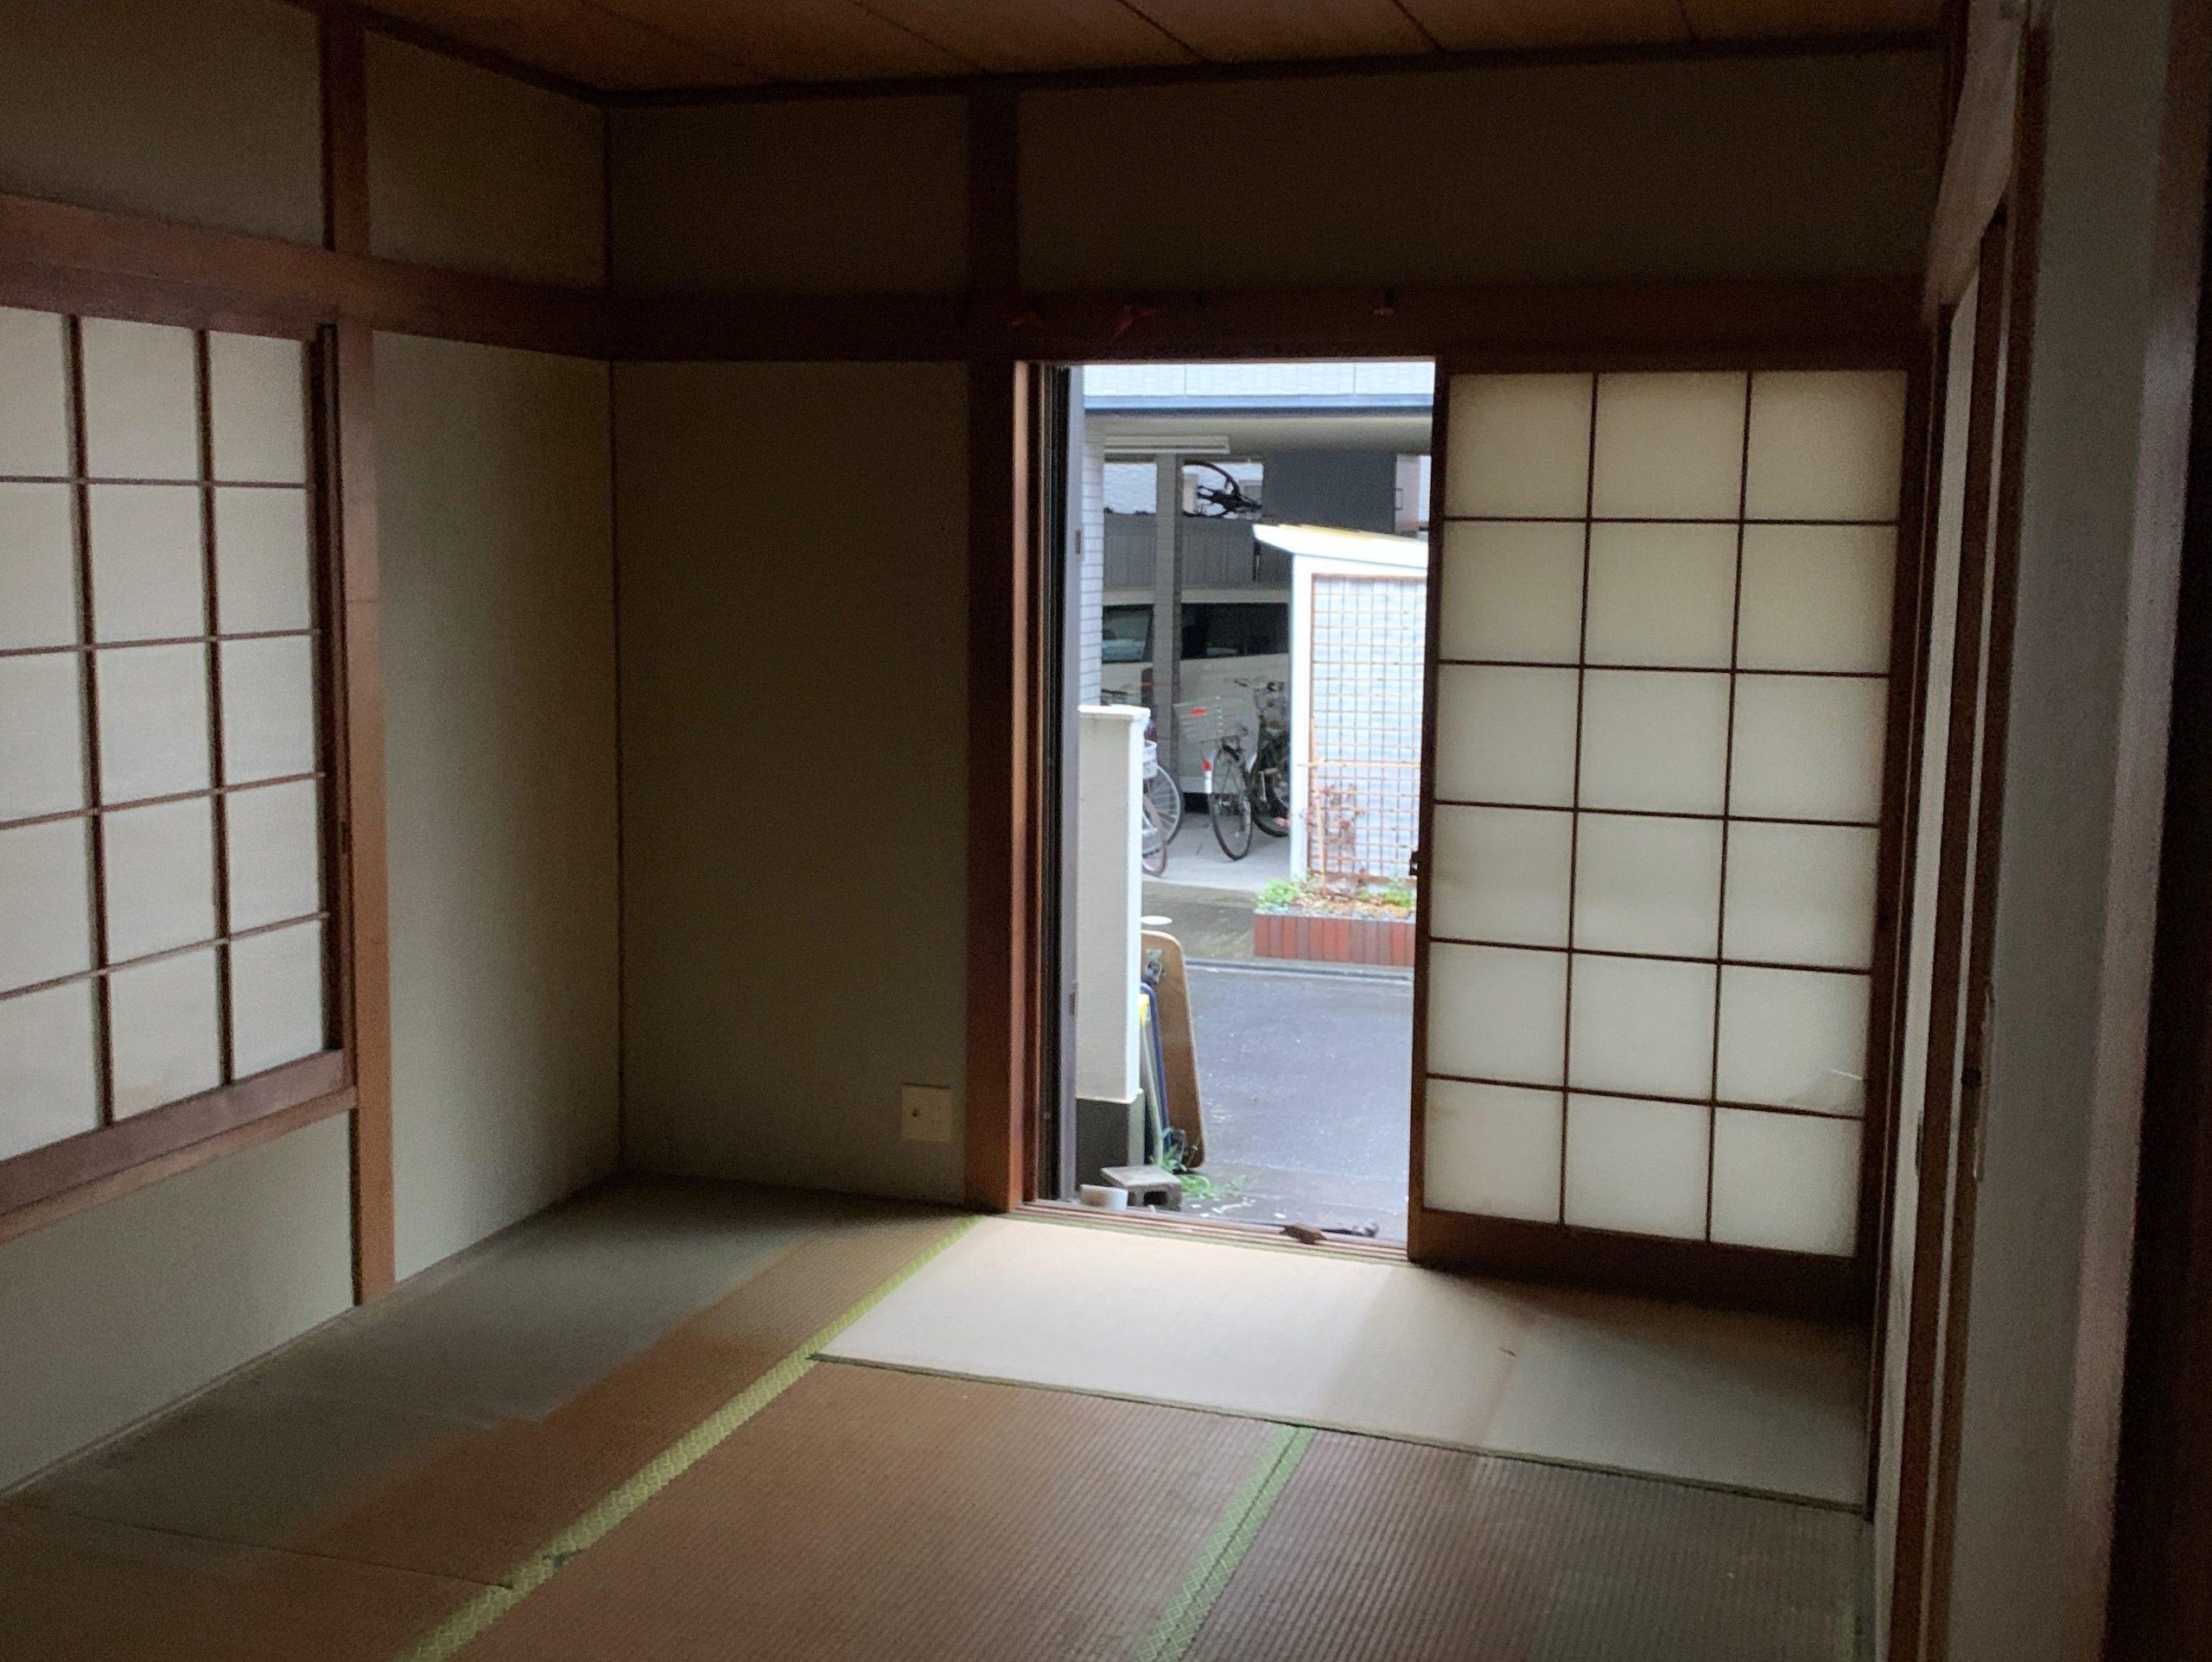 遺品整理後の写真(一階居間)品川区